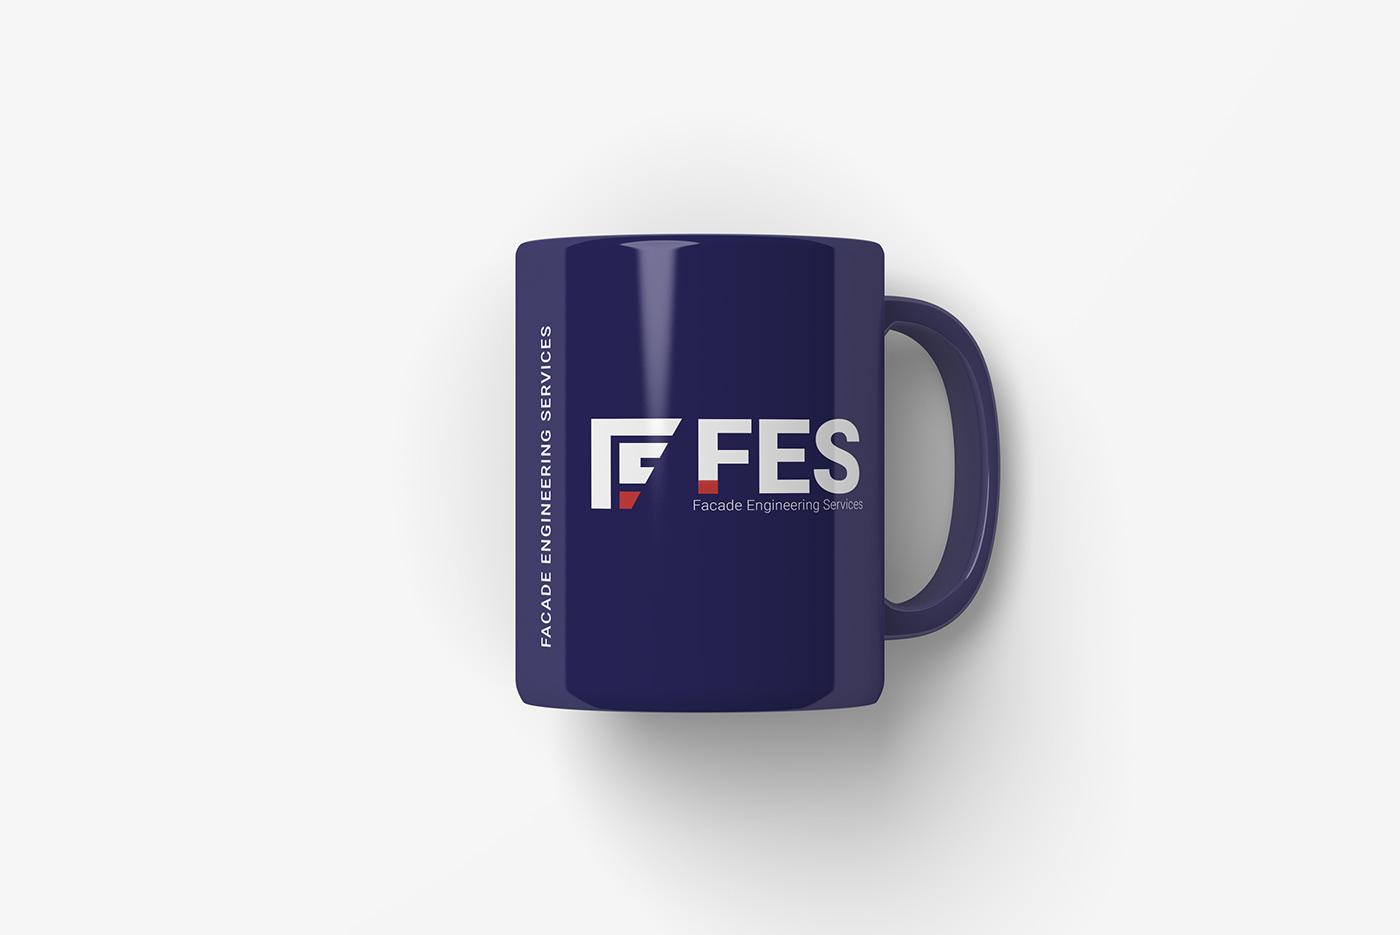 Image may contain: mug